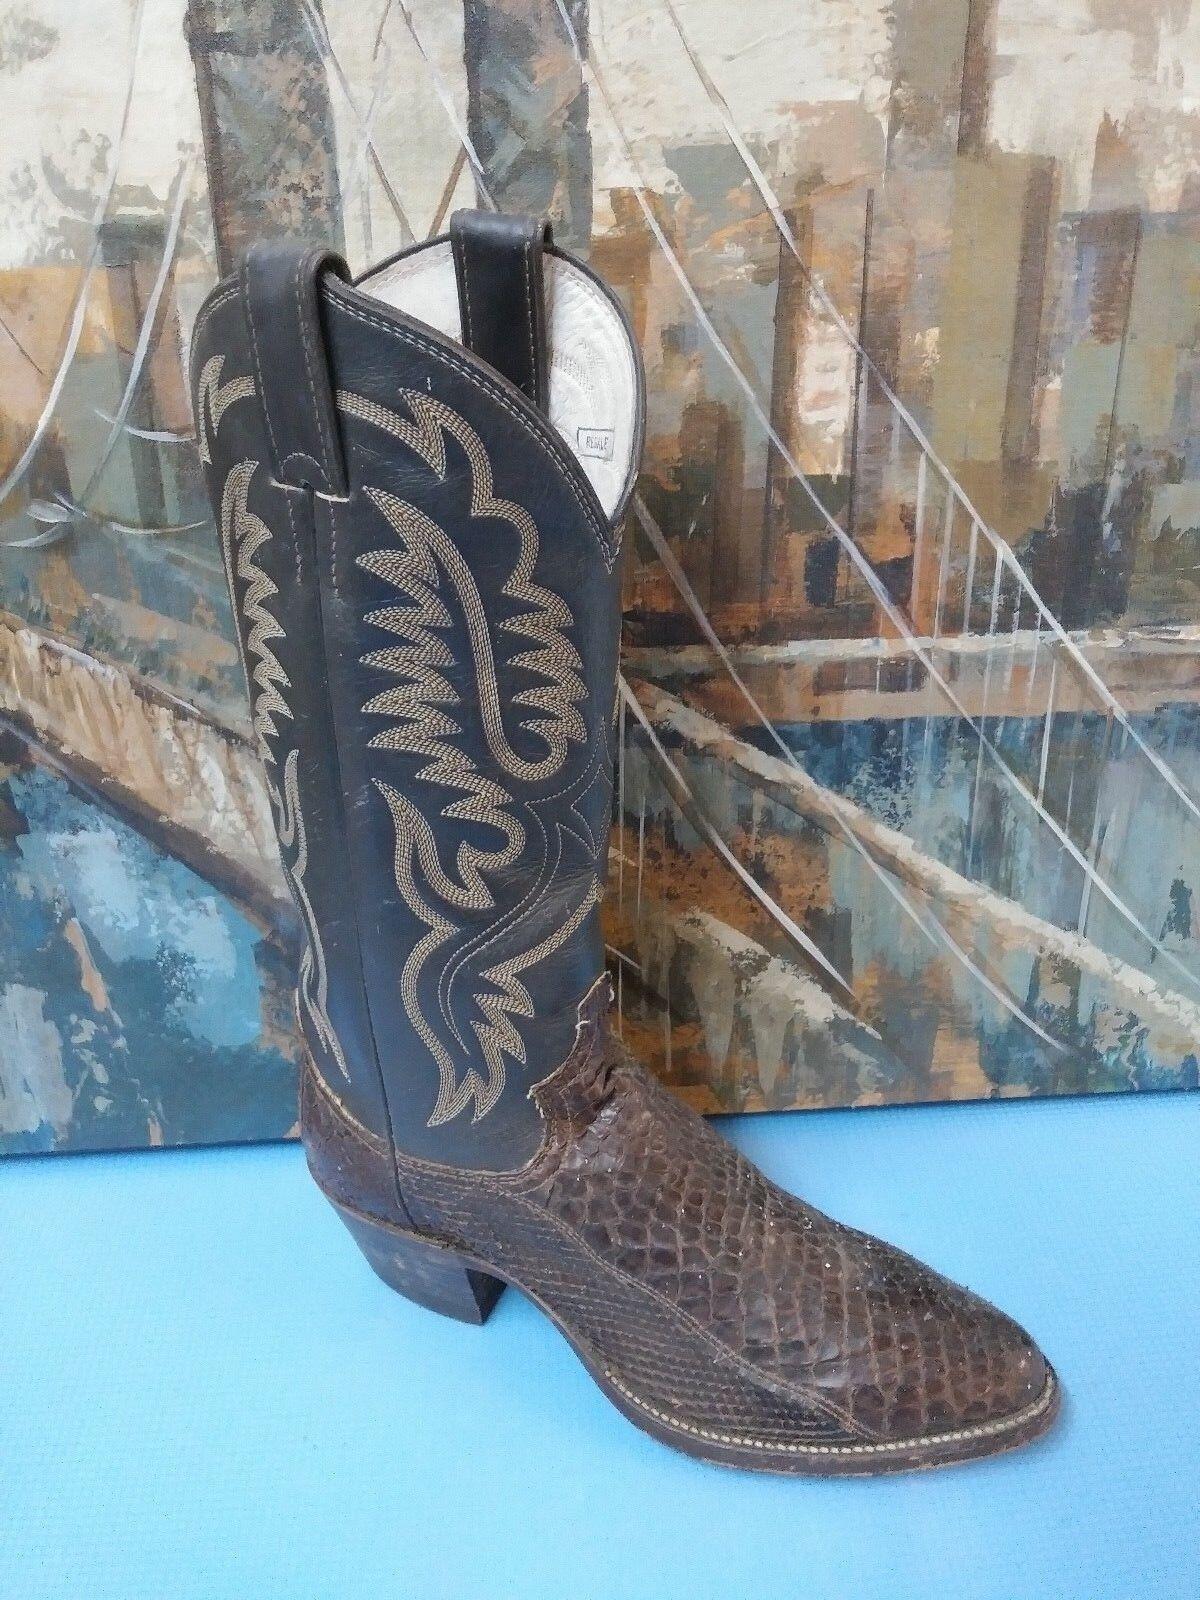 Justin Dark braun Exotic Leather Cowboy Stiefel - US Größe 6.5 D (Mens) Style 6508